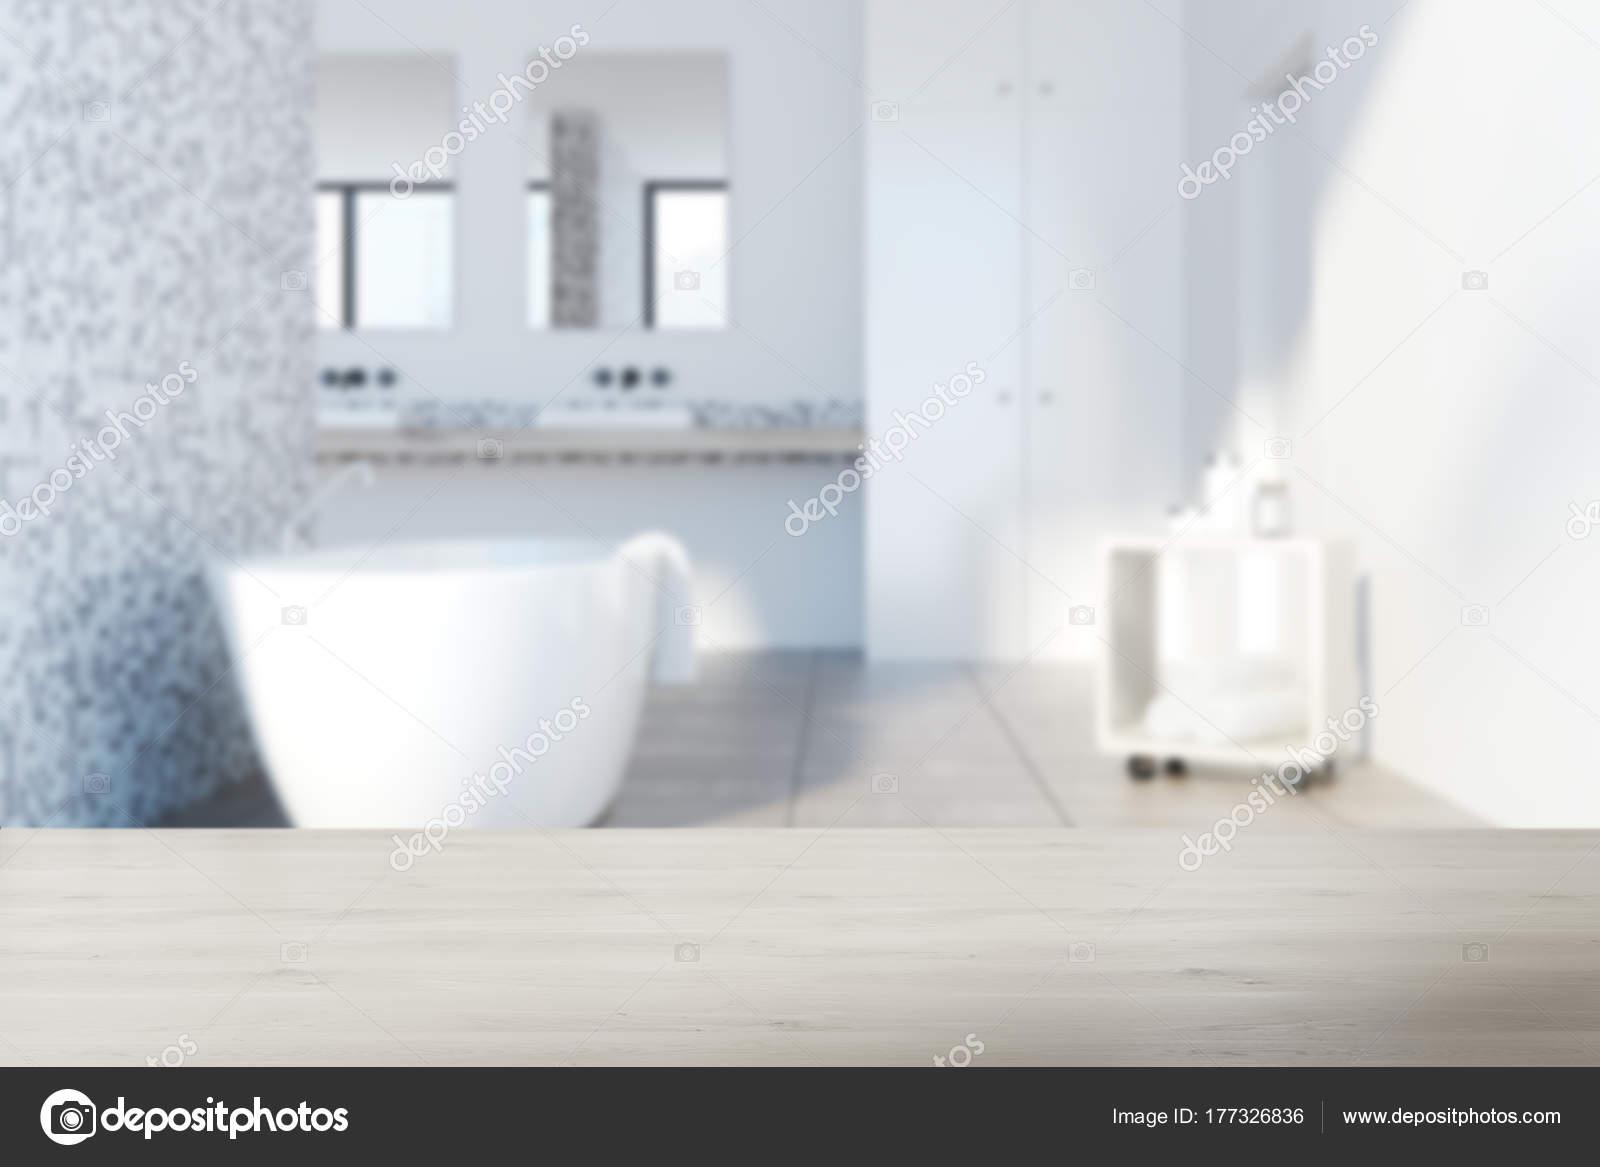 Bagno rivestito di piastrelle grigie vasca bianca offuscata